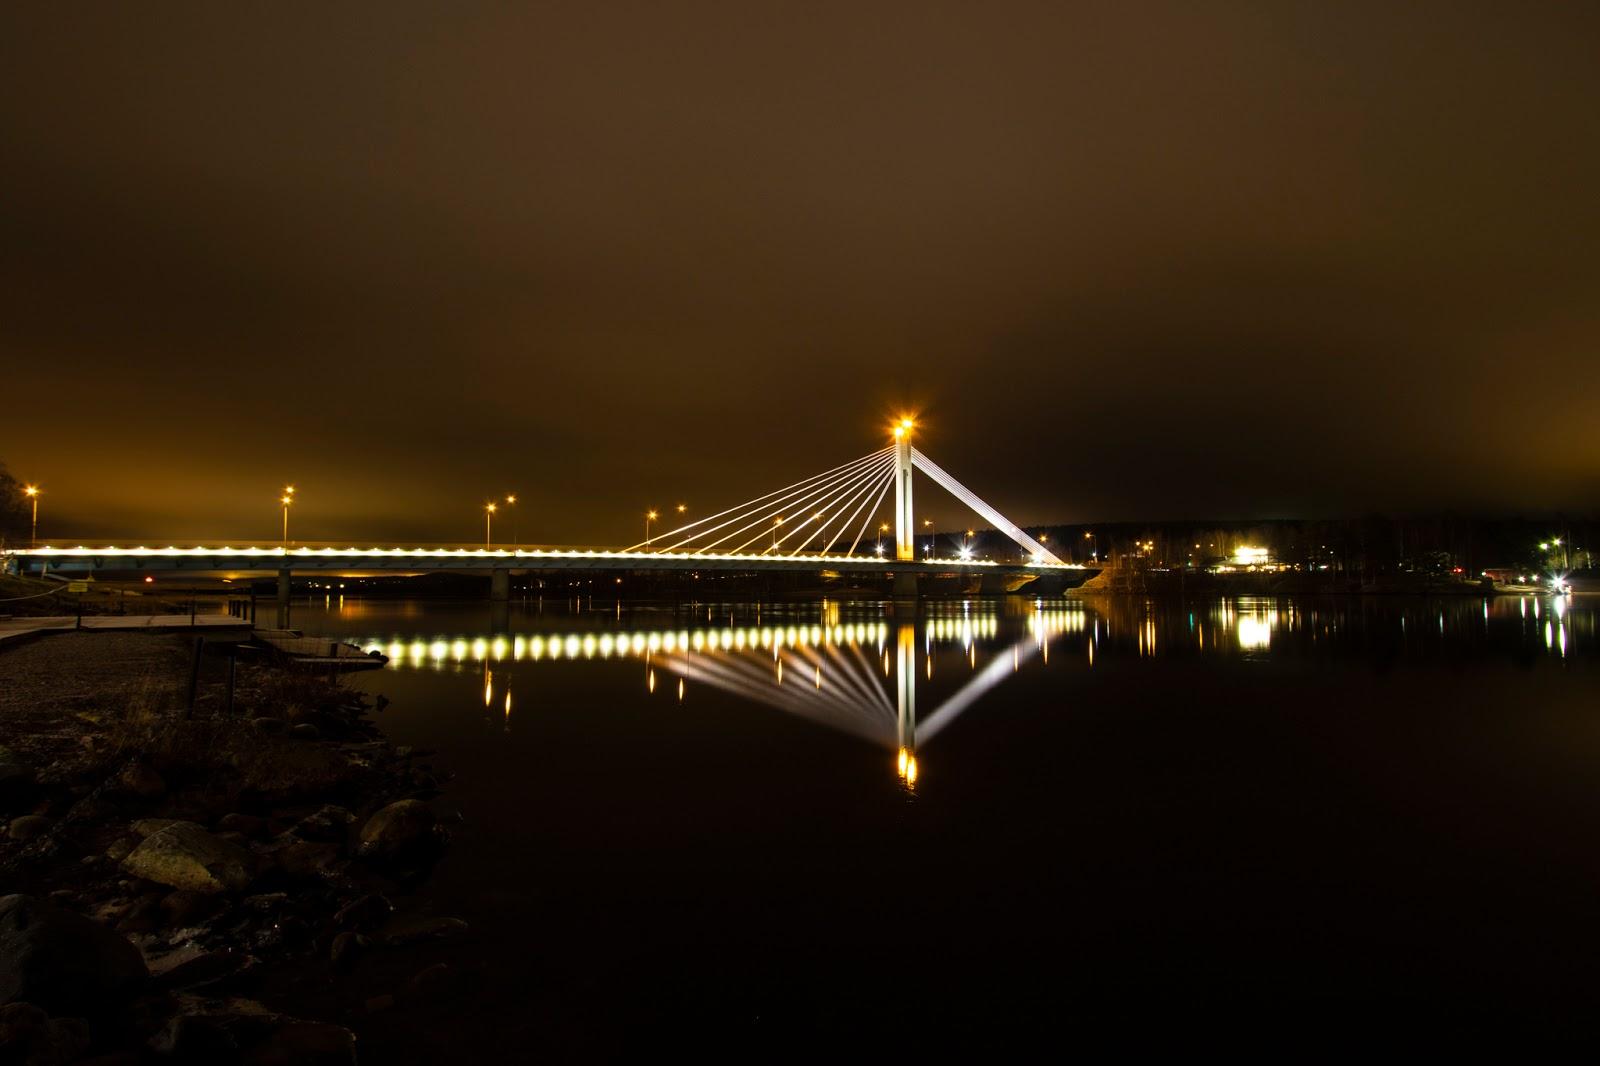 Rovaniemi e Lapponia finlandese: terzo giorno